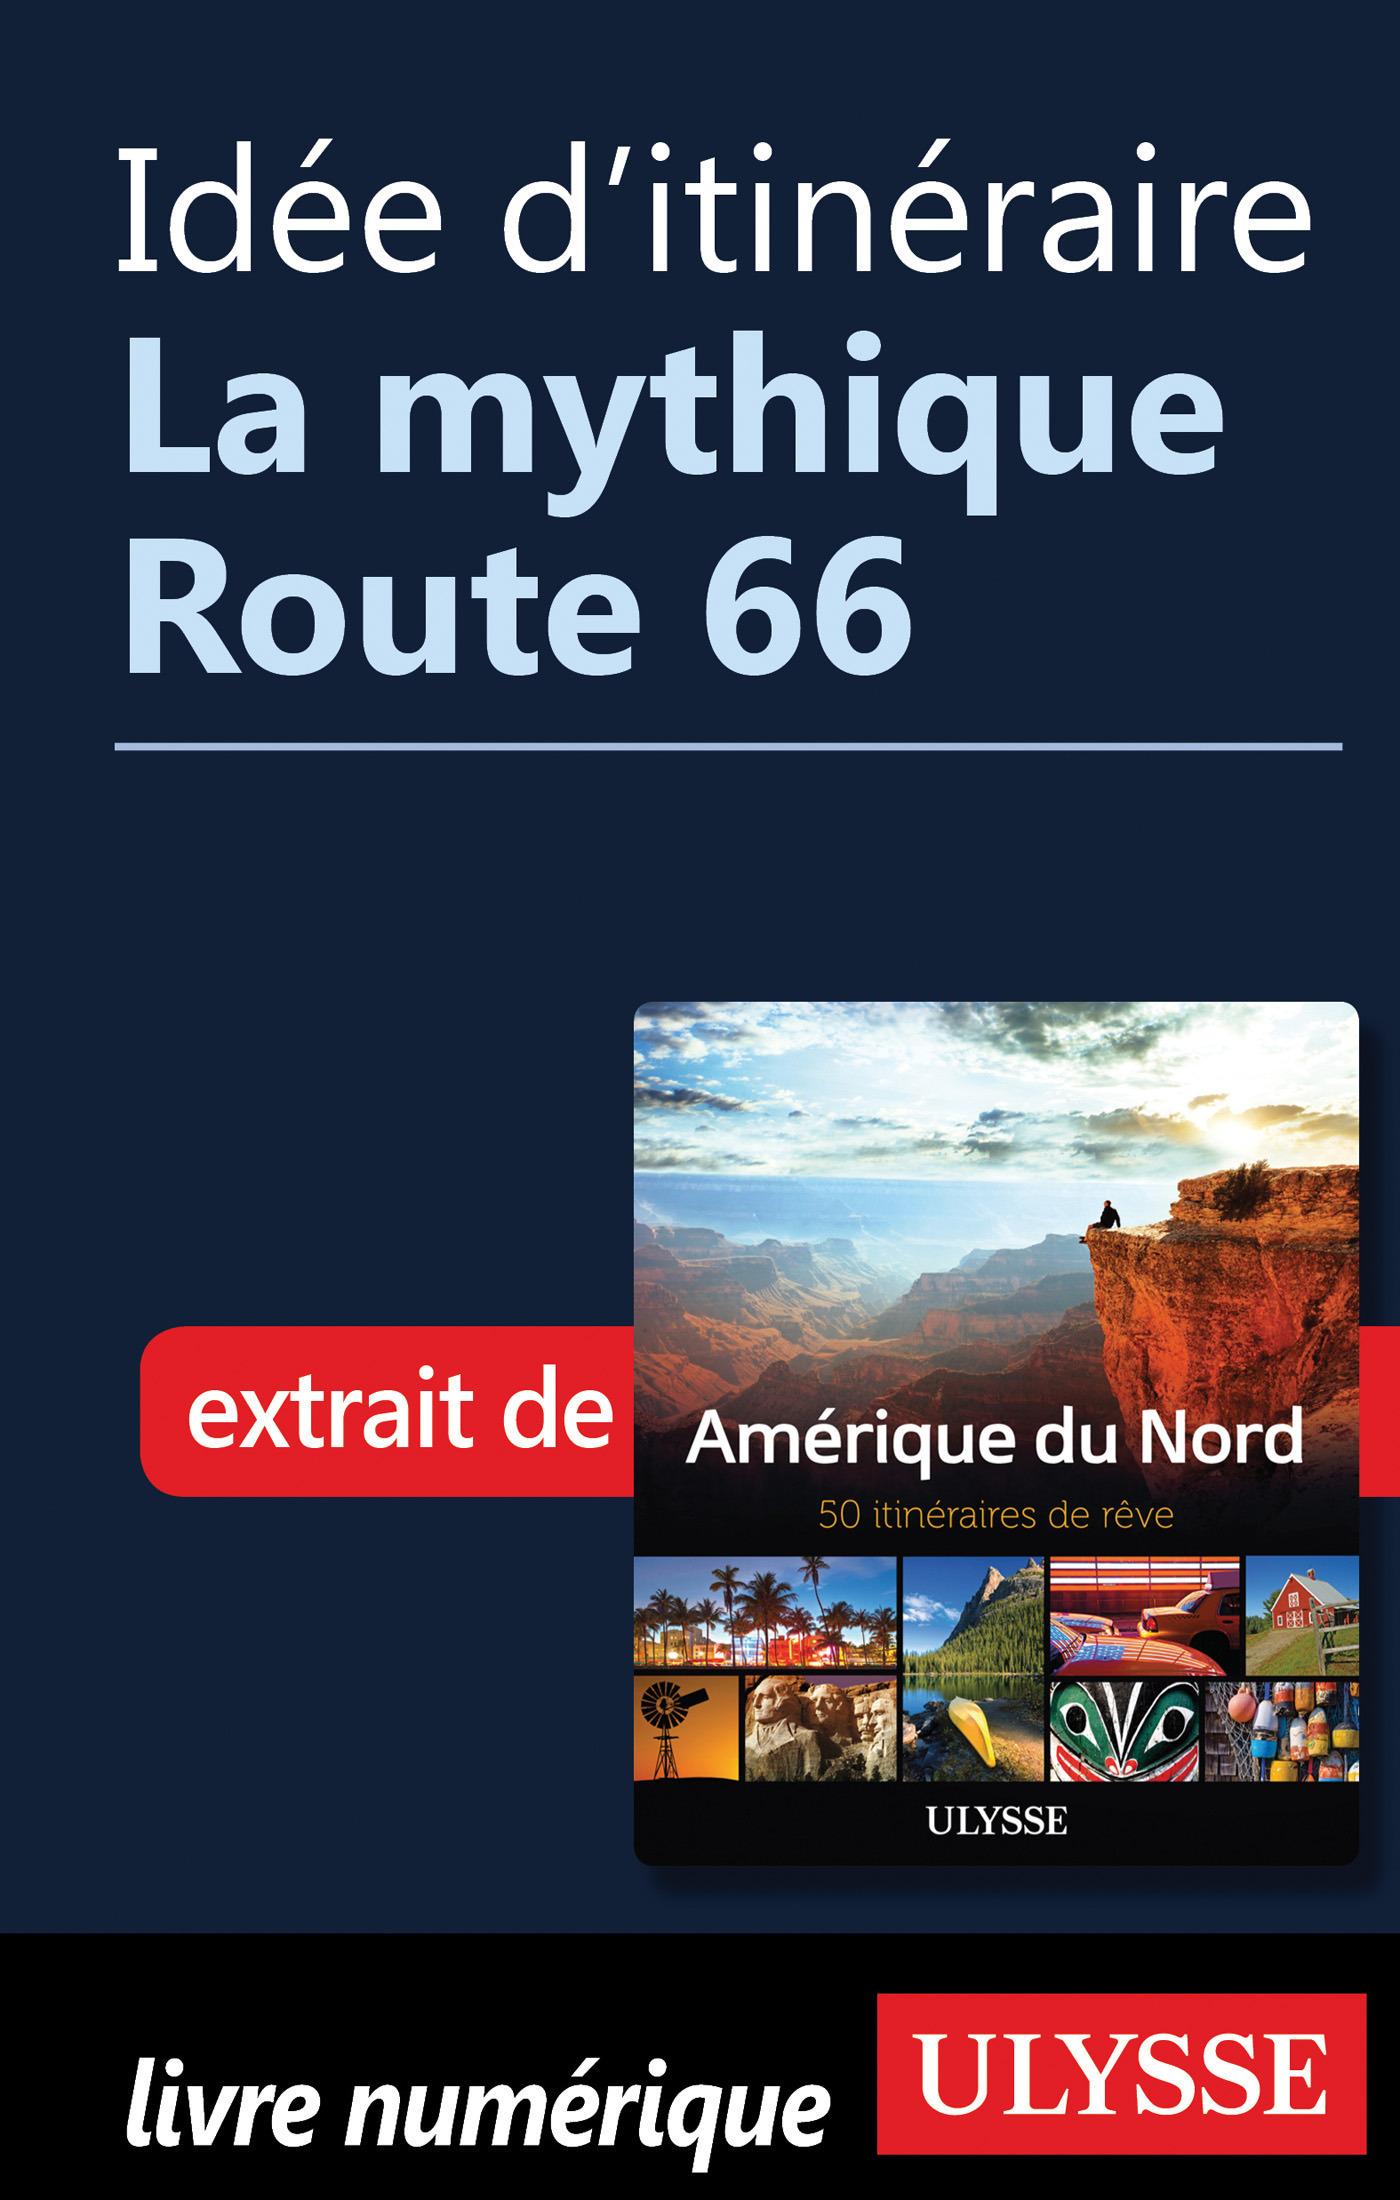 Idée d'itinéraire - La mythique route 66